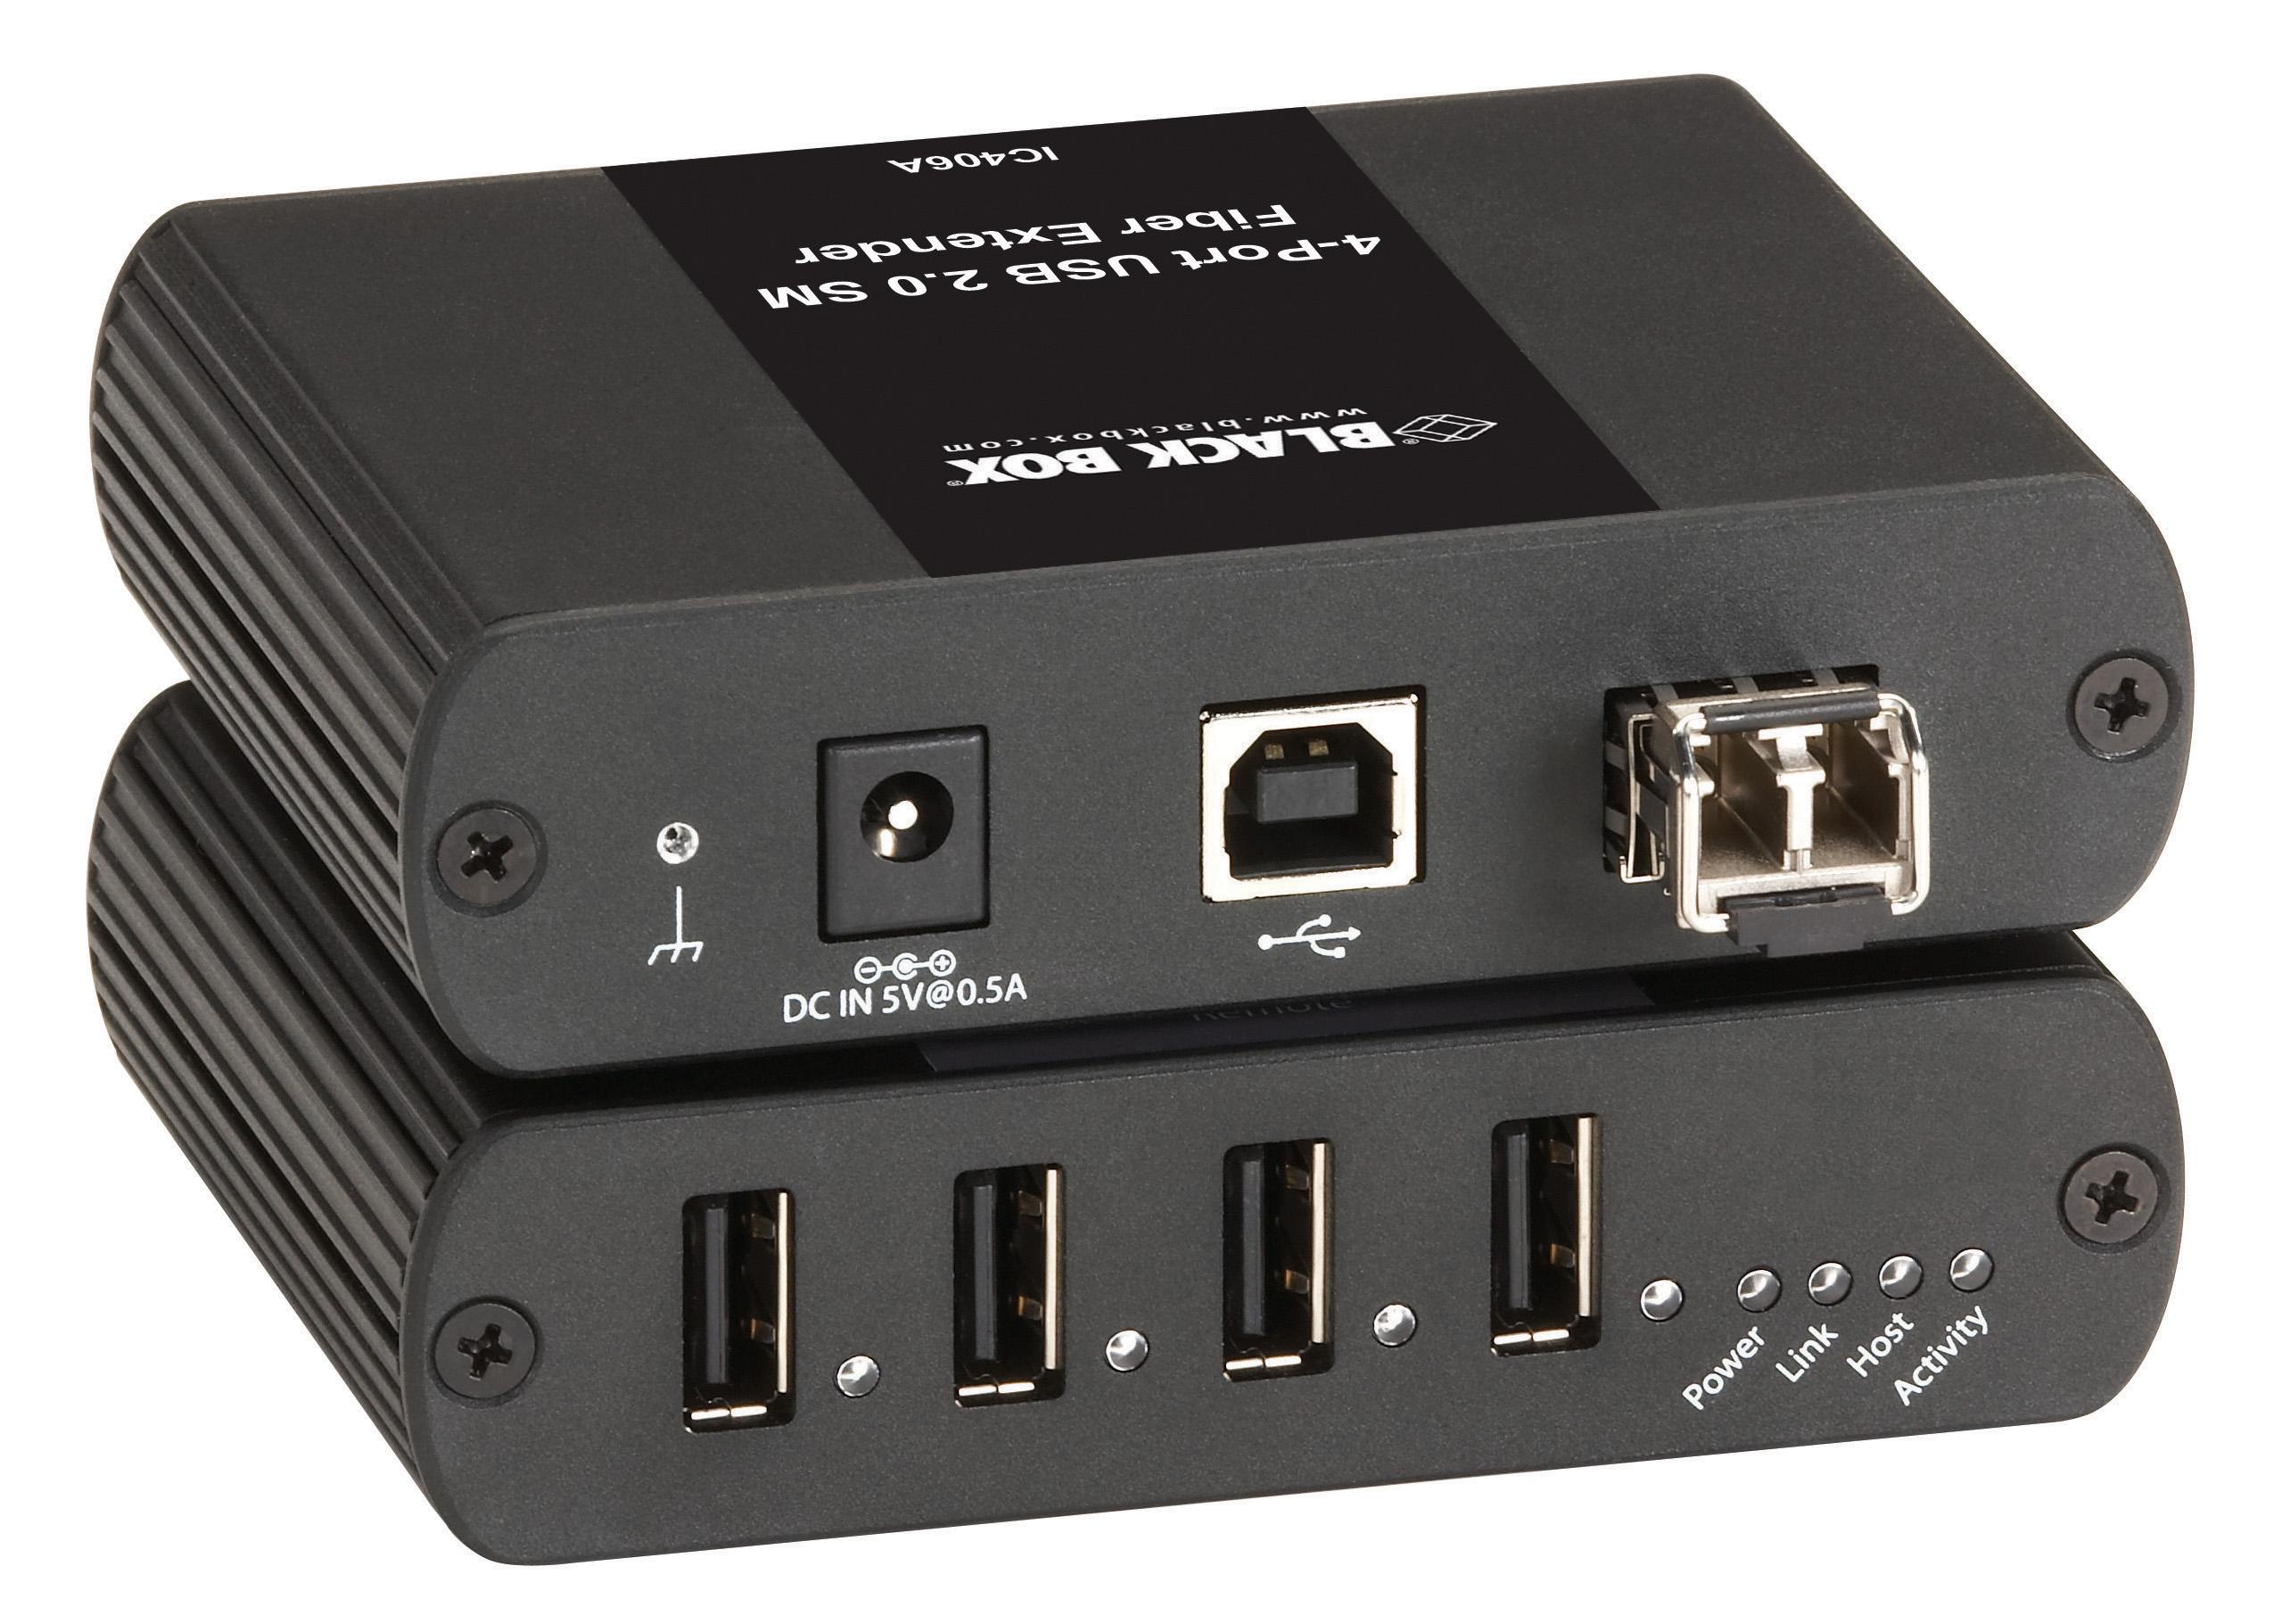 USB 2.0 EXTENDER 4 PORT SM